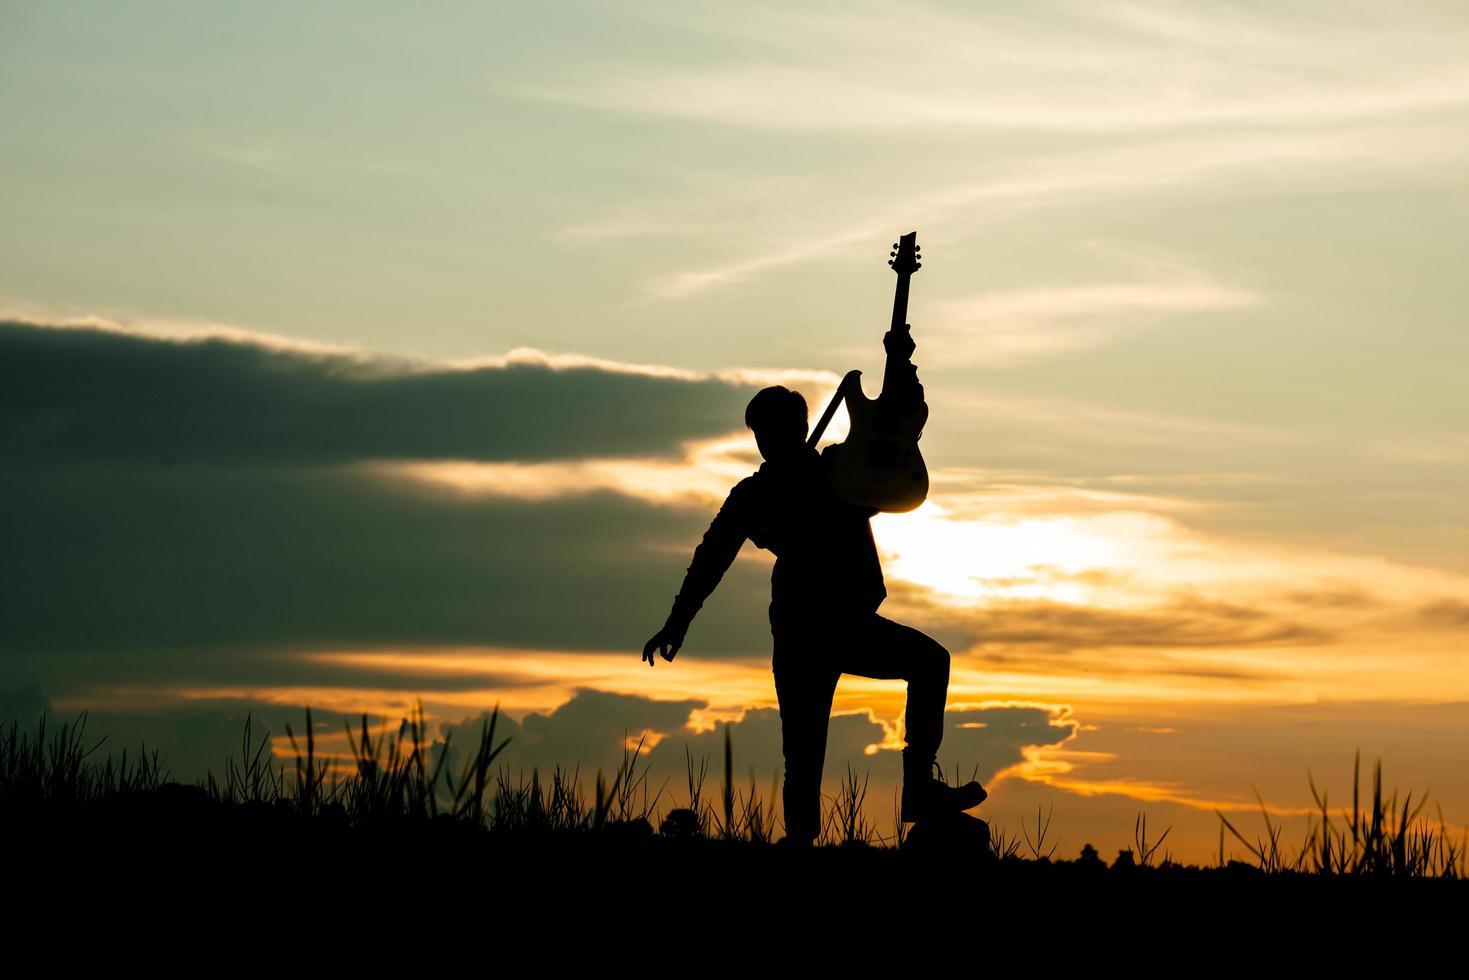 jeune musicien jouant de la guitare photo